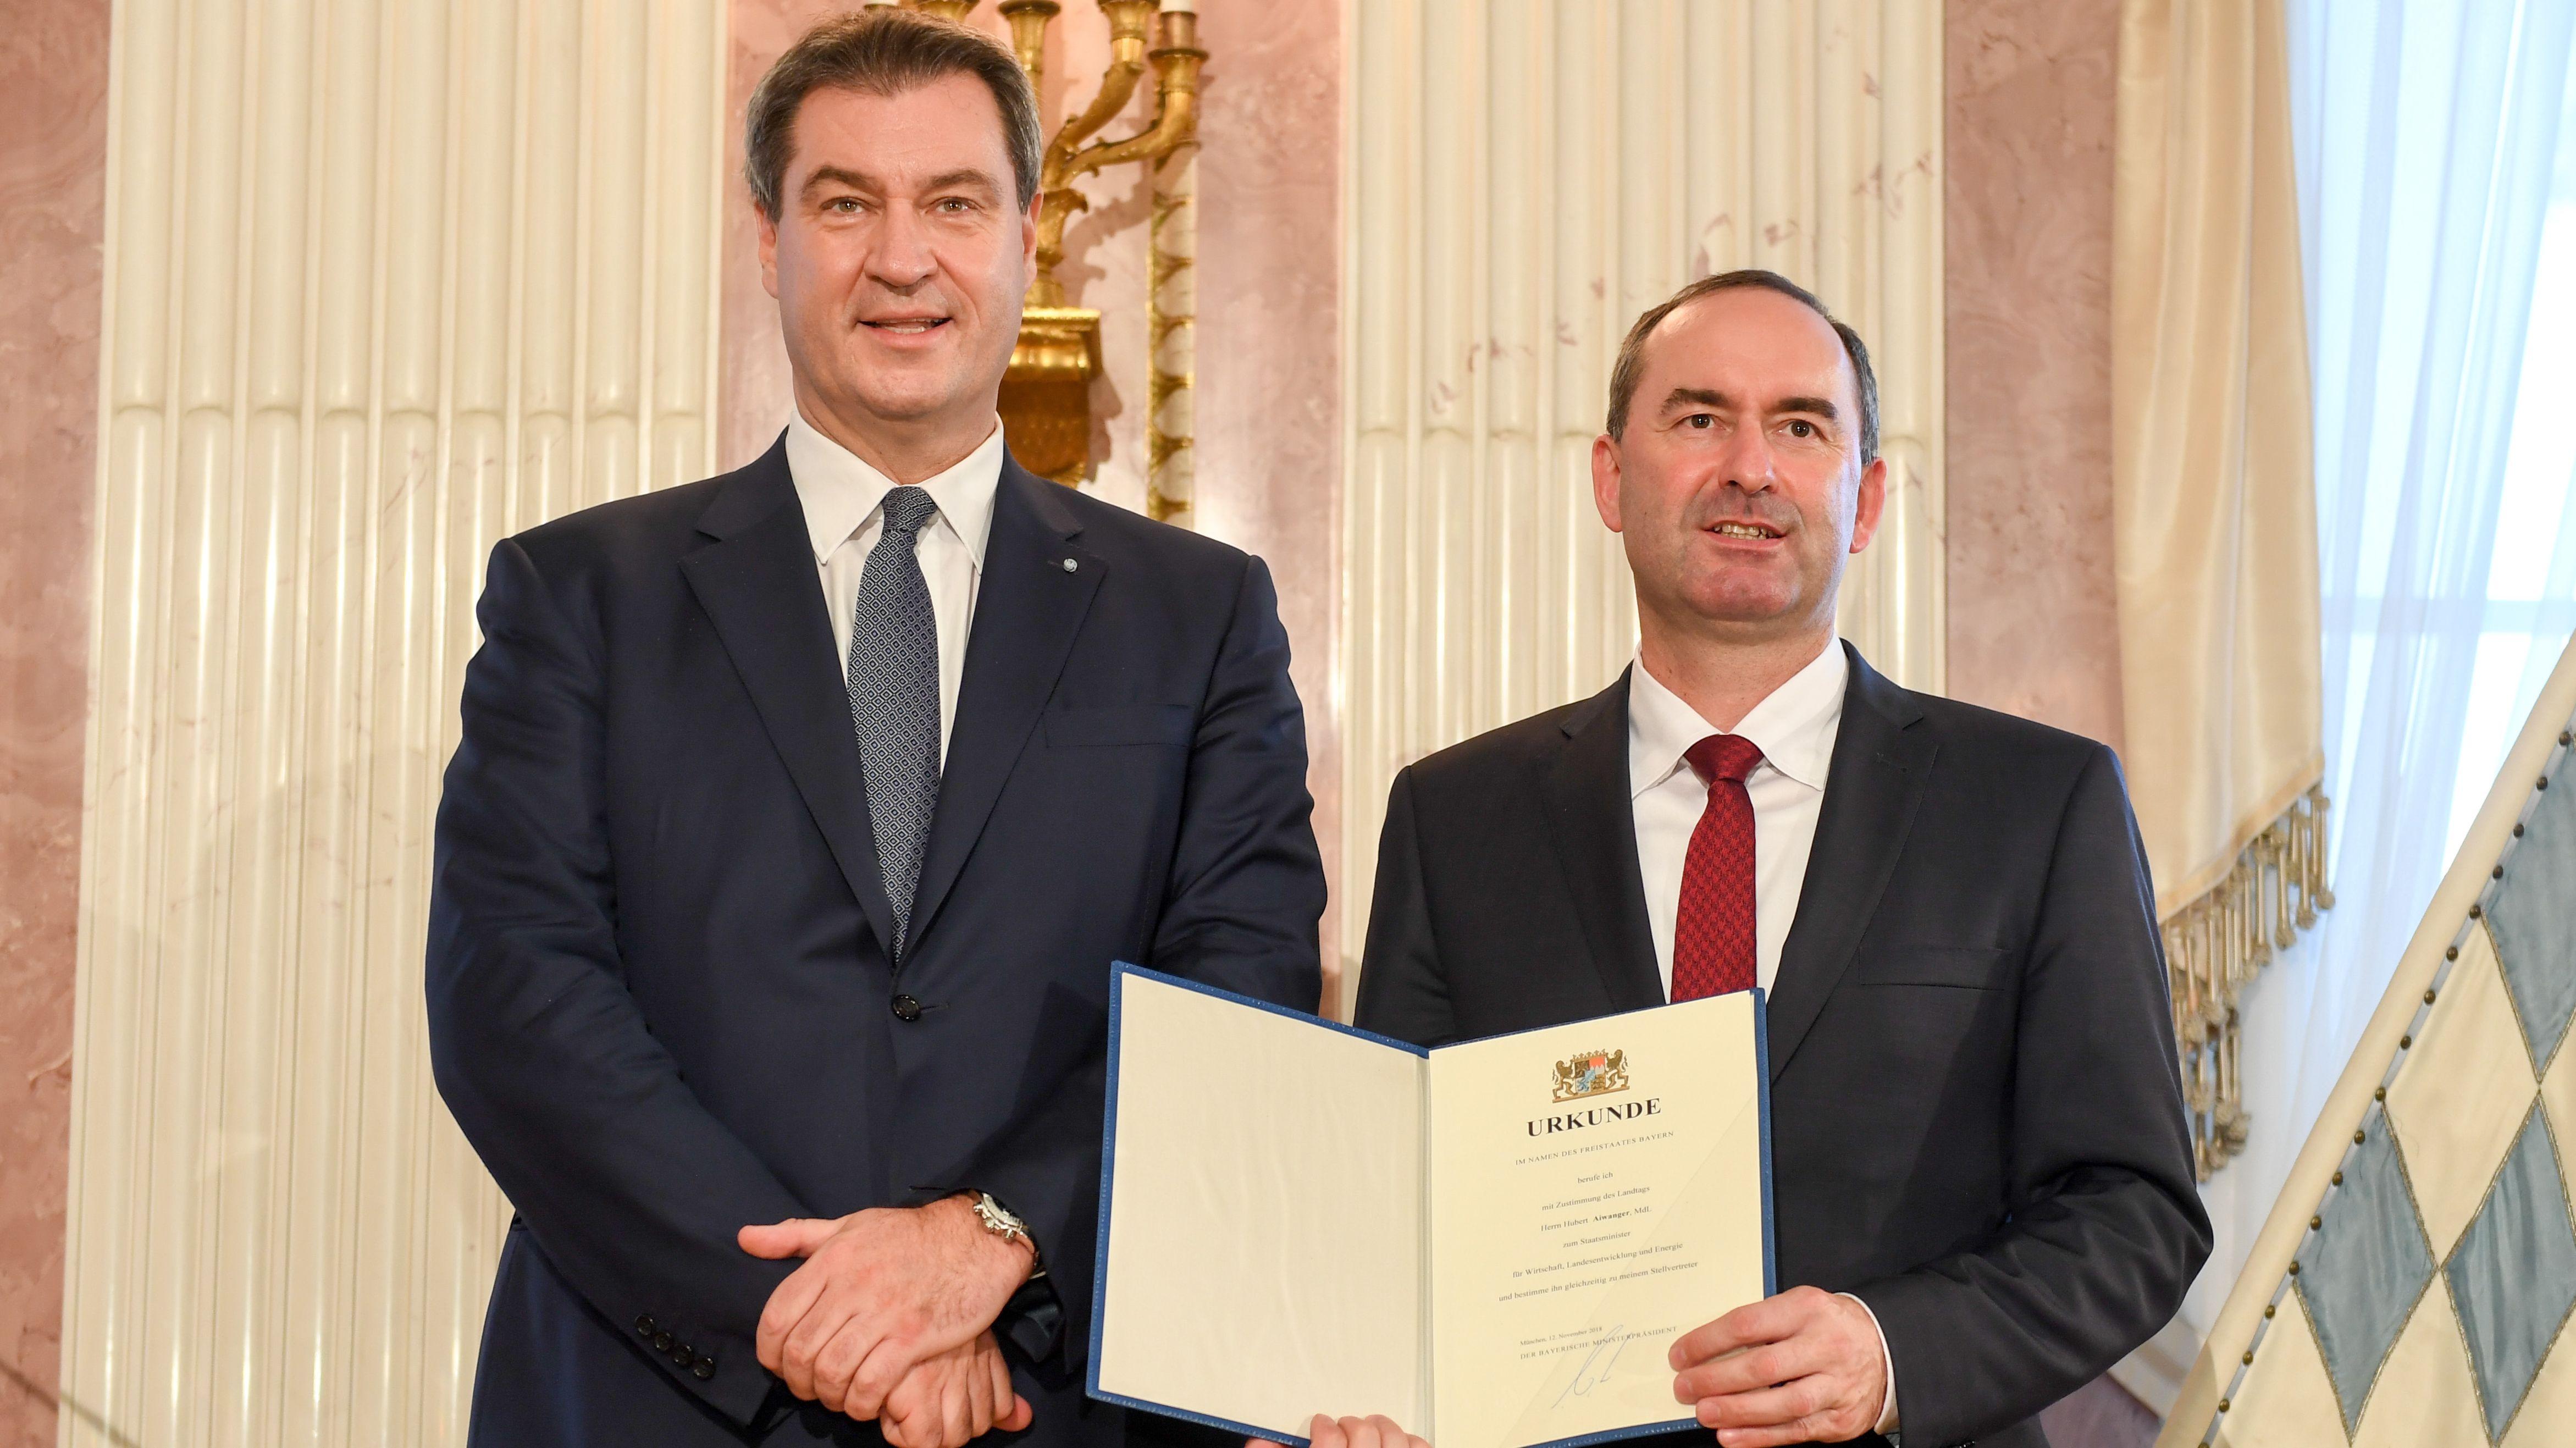 Ministerpräsident Söder (CSU, l.) und Stellvertreter Hubert Aiwanger (Freie Wähler) nach der Vereidigung des bayerischen Kabinetts am 12.11.2018